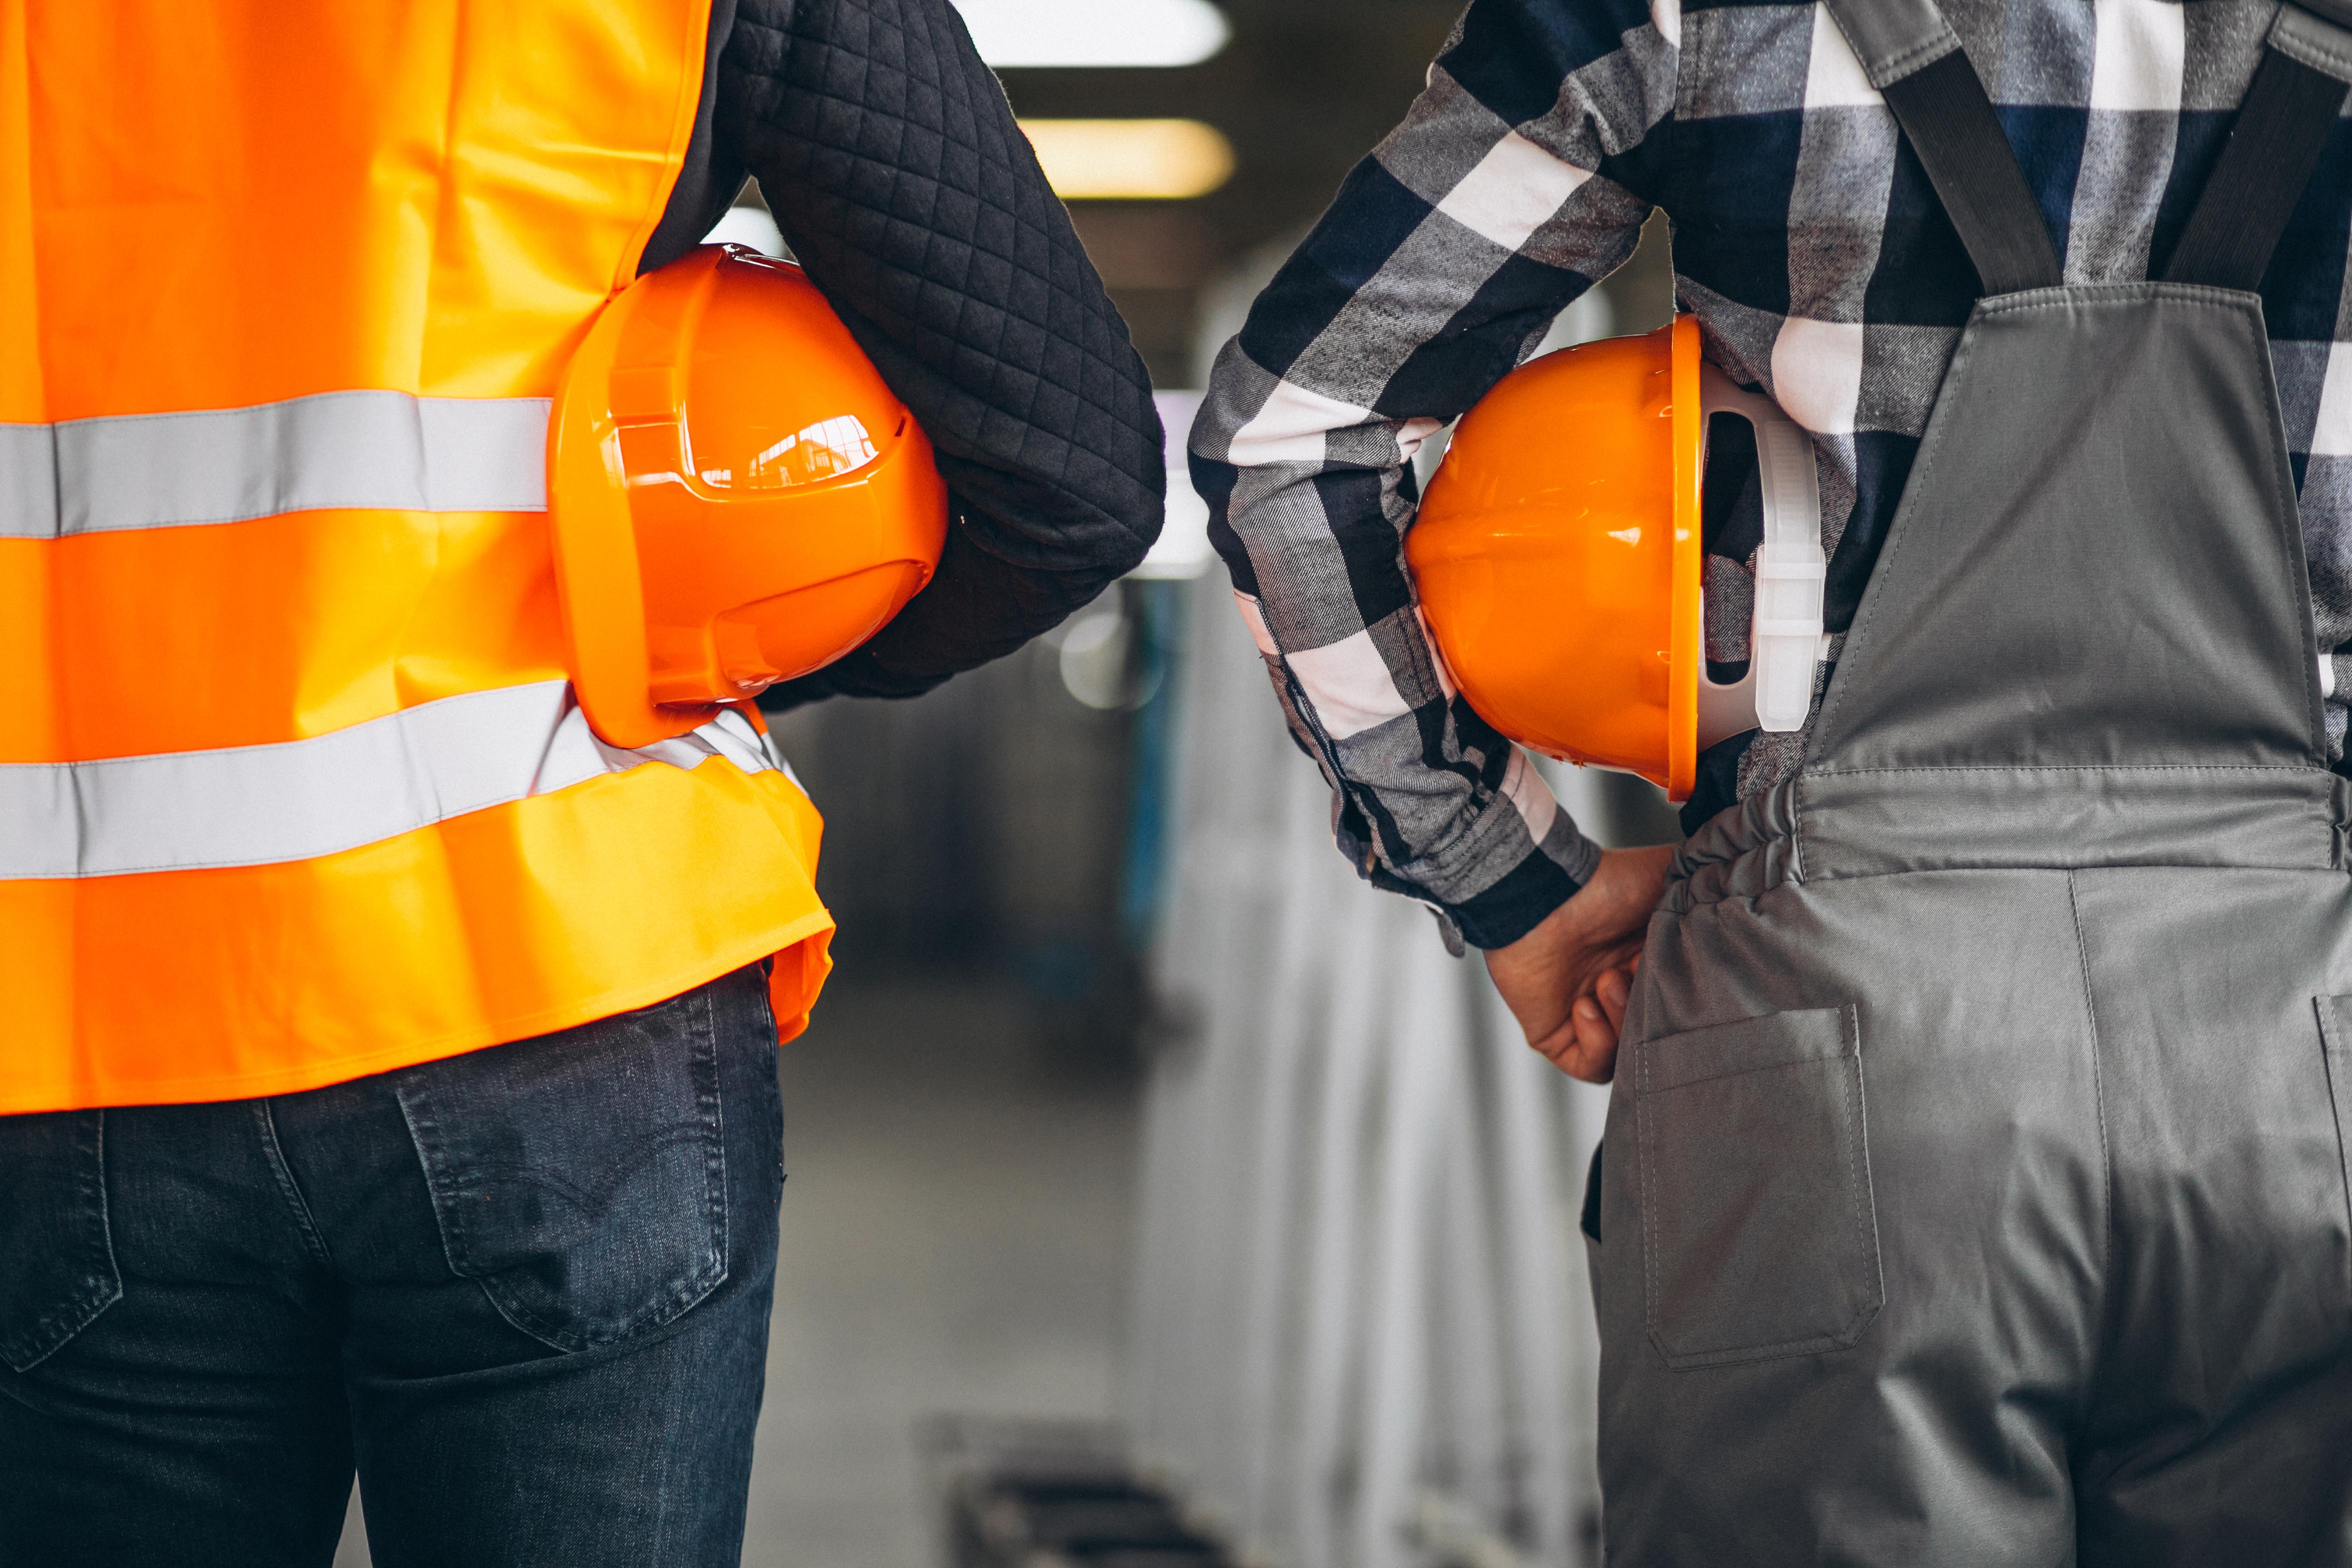 Los mejores cursos de seguridad y prevención de riesgos laborales  los mejores cursos de seguridad y prevención de riesgos laborales Los mejores cursos de seguridad y prevención de riesgos laborales Los mejores cursos de seguridad y prevenci  n de riesgos laborales